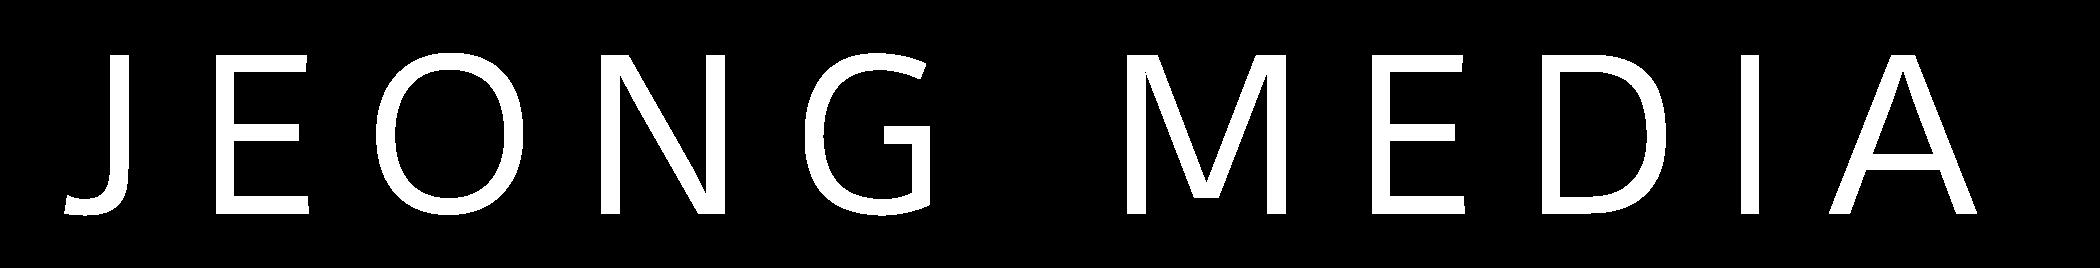 Jeong Media